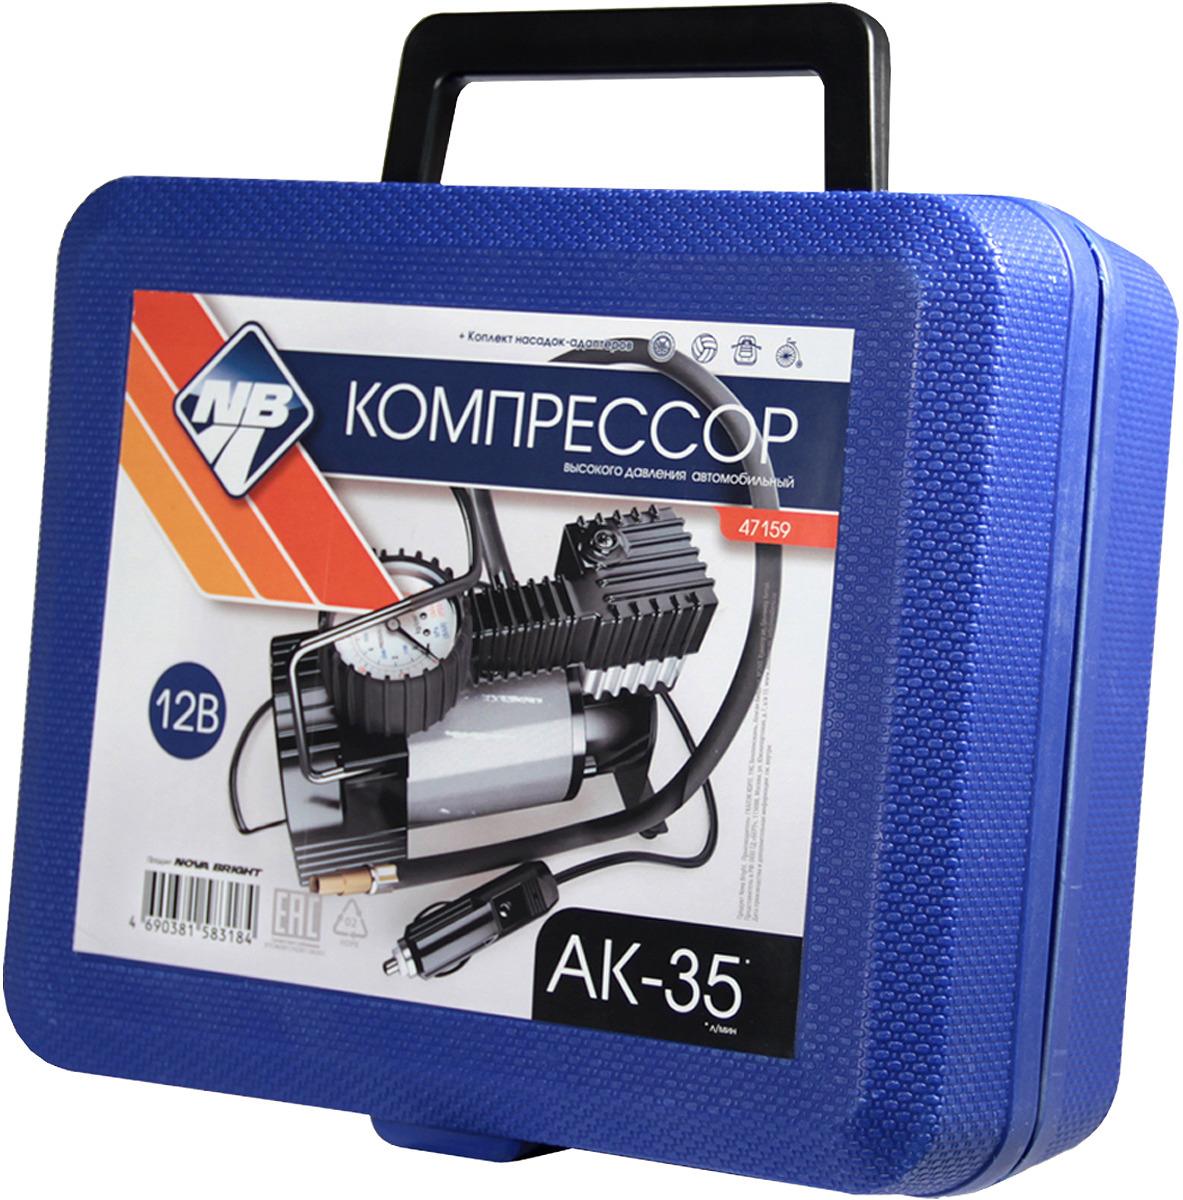 Автомобильный компрессор Nova Bright, 47159, до 35 л/мин., 140 PSI, 12В